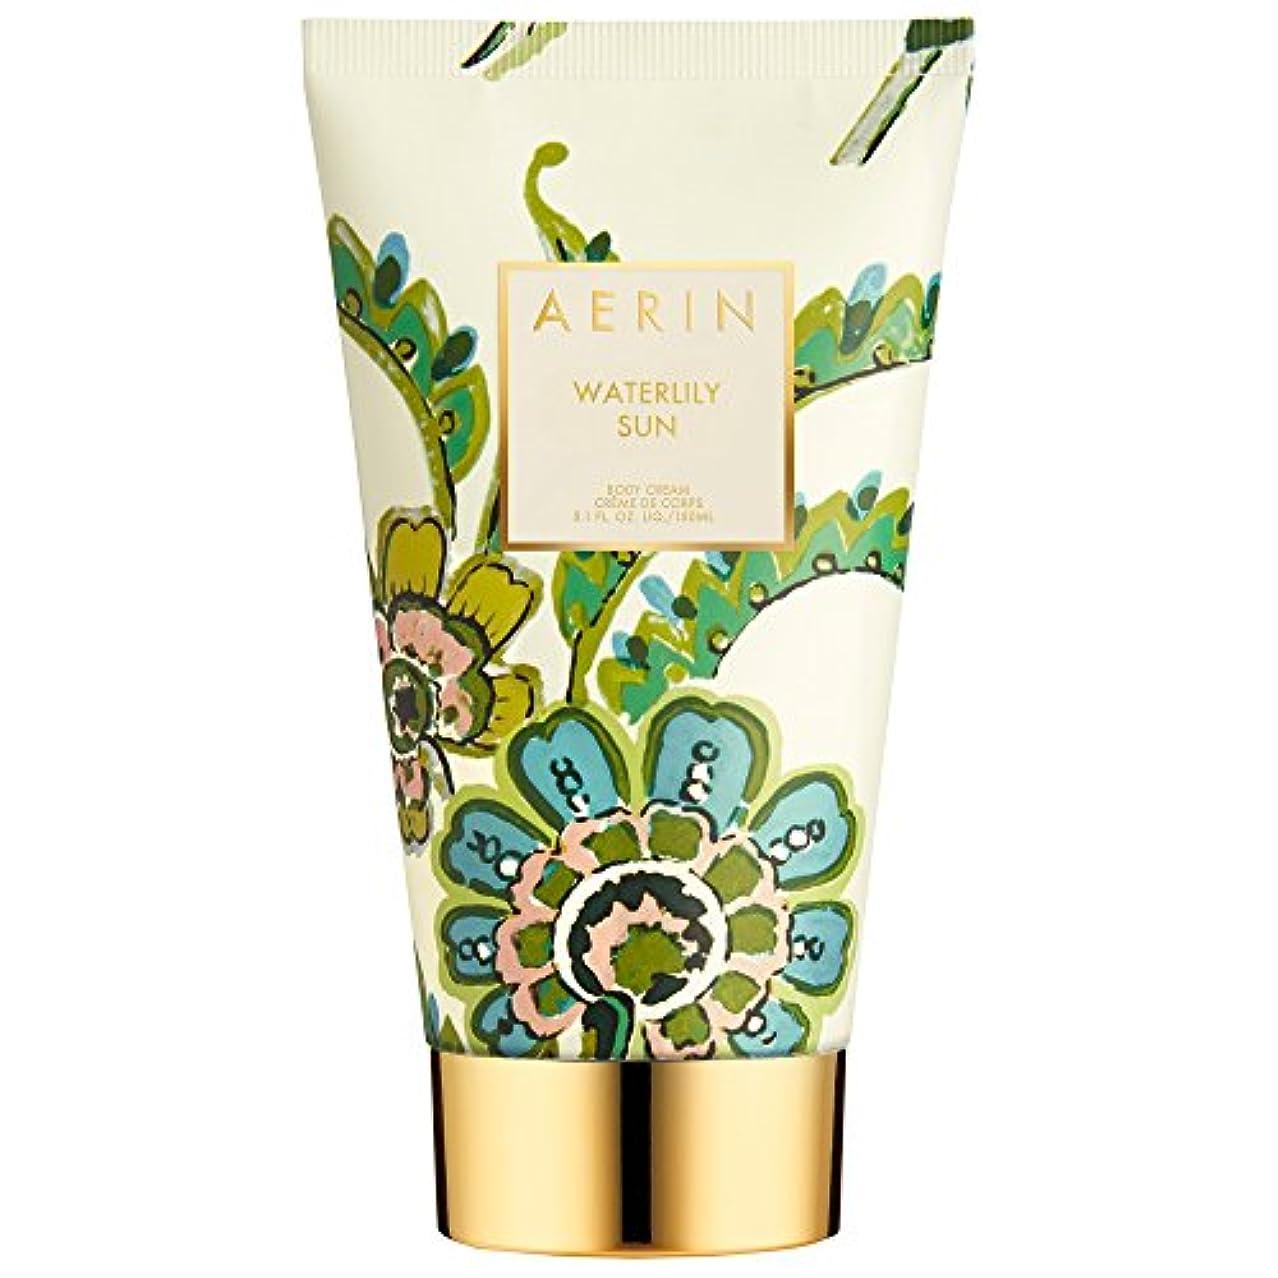 大陸技術悪因子Aerinスイレン日ボディクリーム150ミリリットル (AERIN) (x6) - AERIN Waterlily Sun Body Cream 150ml (Pack of 6) [並行輸入品]